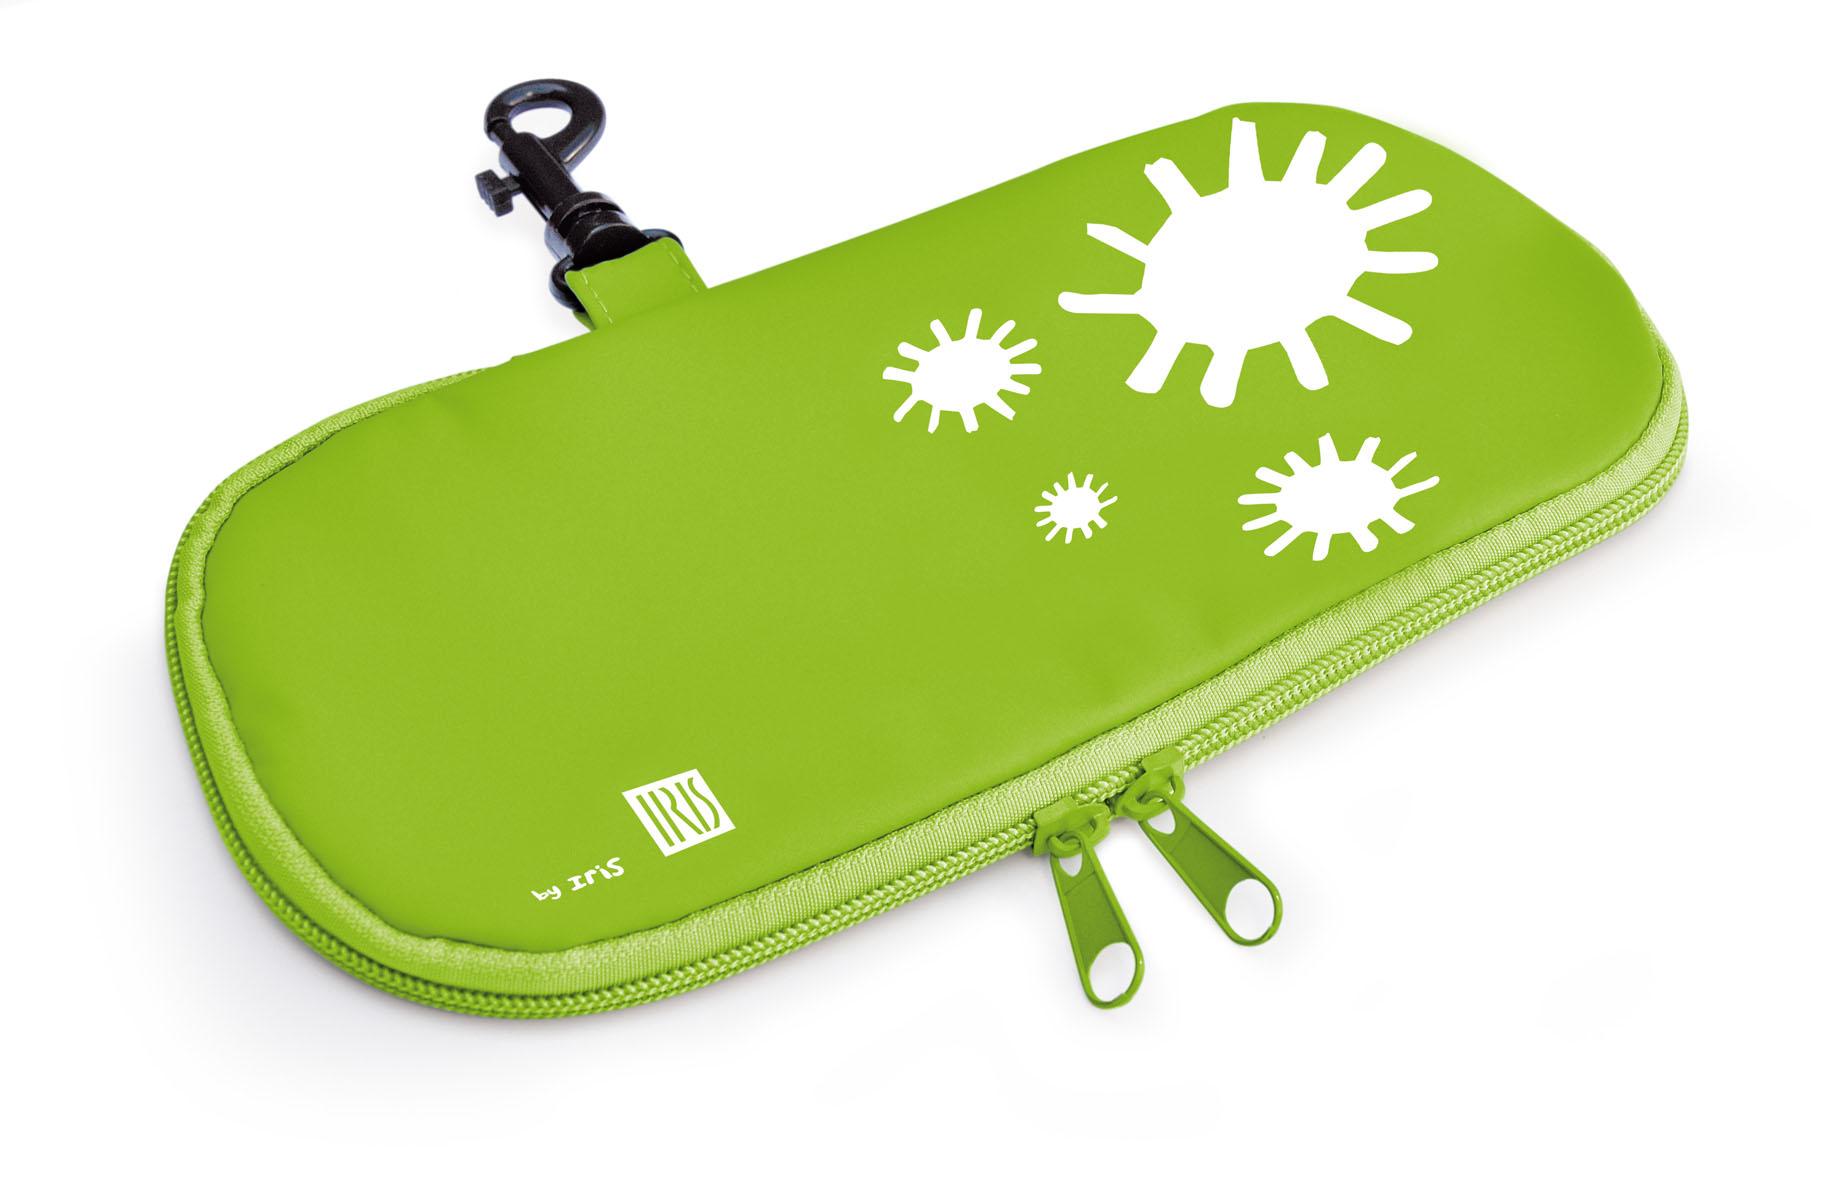 Термобутербродница мягкая Iris Barcelona Kids, цвет: зеленый, 24 см х 12 см9928-TVМягкая термобутербродница Iris Barcelona Kids идеально подходит, чтобы взять в школу, на прогулку или в поездку. В течение нескольких часов сохранит еду свежей и вкусной благодаря специальному внутреннему покрытию из теплоизолирующего материала. Специальный фиксирующий поясок не позволит бутерброду распасться.Безопасный пластмассовый карабин позволит легко пристегнуть бутербродницу к ранцу или сумке.Заменяет все одноразовые упаковки. При бережном использовании прослужит не один год.